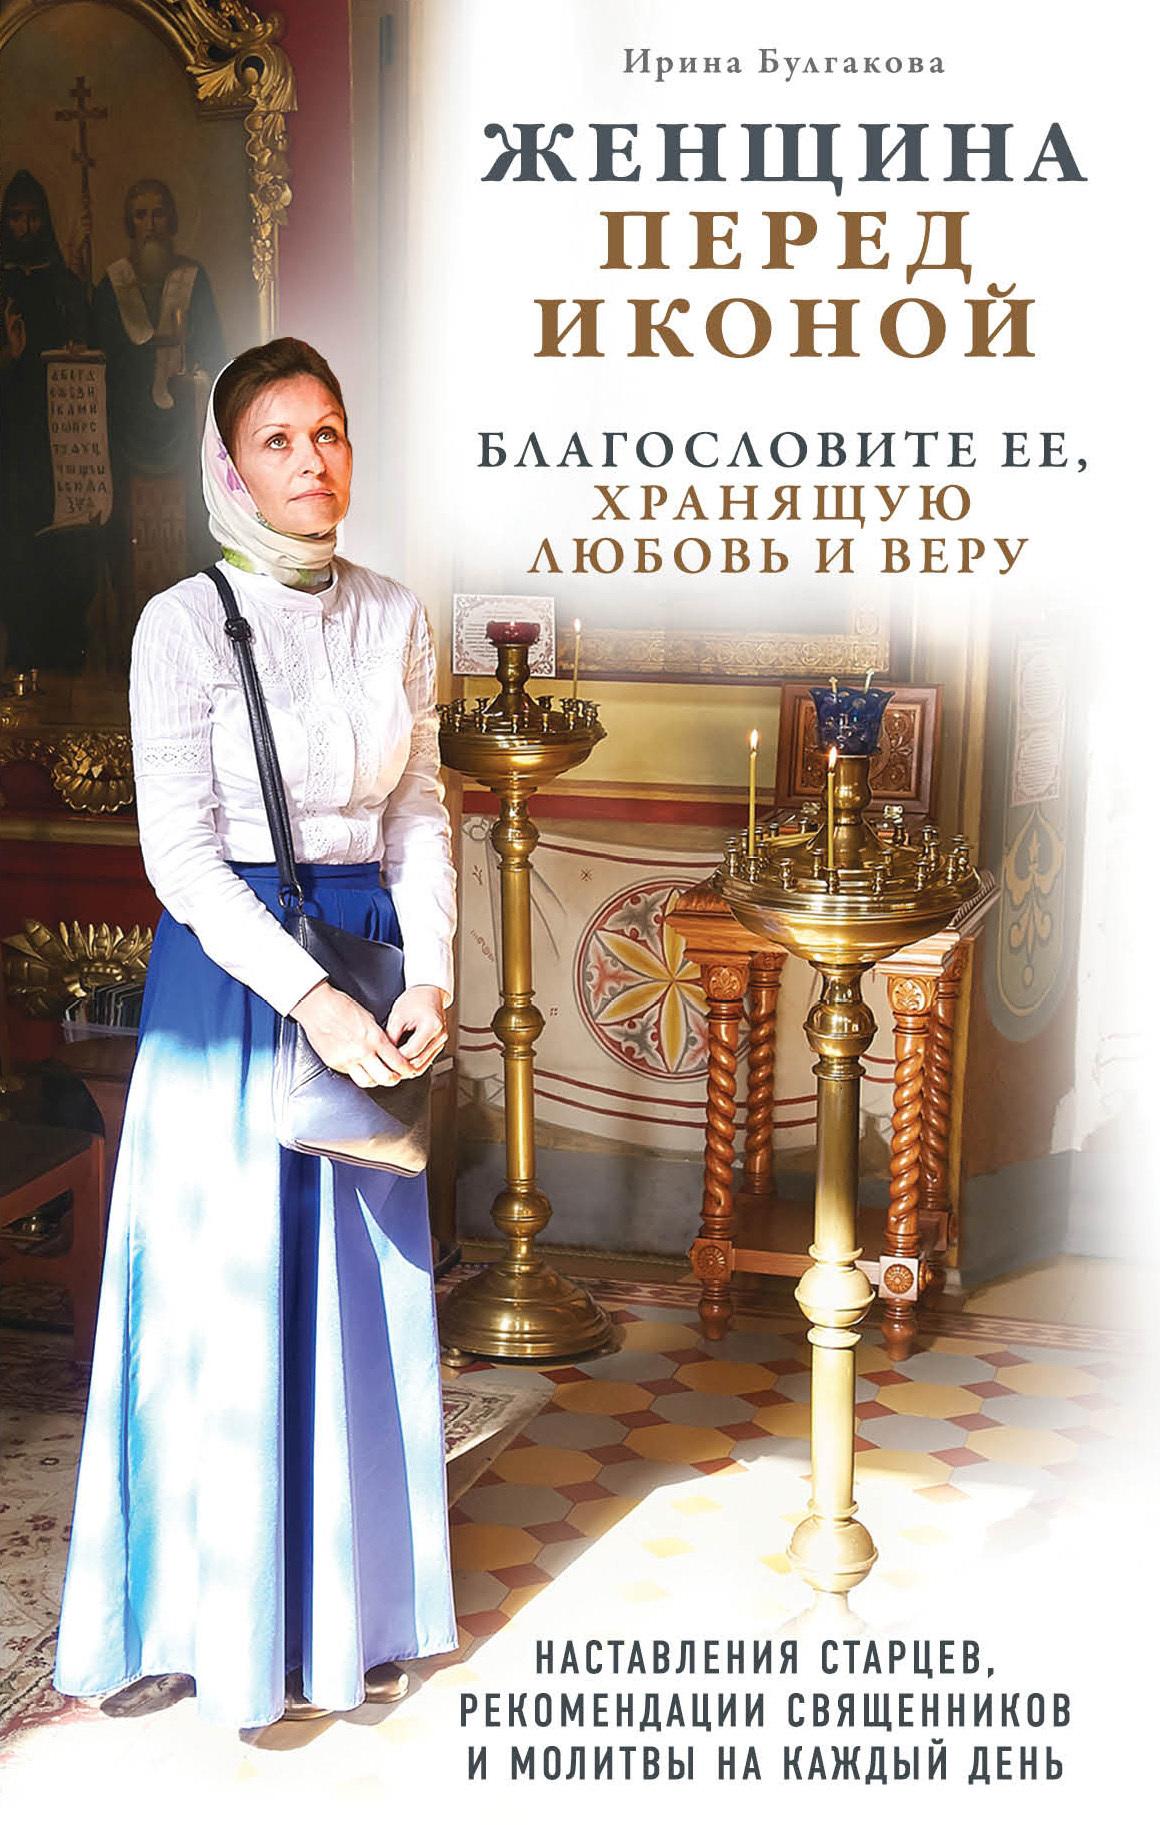 Ирина Булгакова - Женщина перед иконой. Благославите ее, хранящую любовь и веру